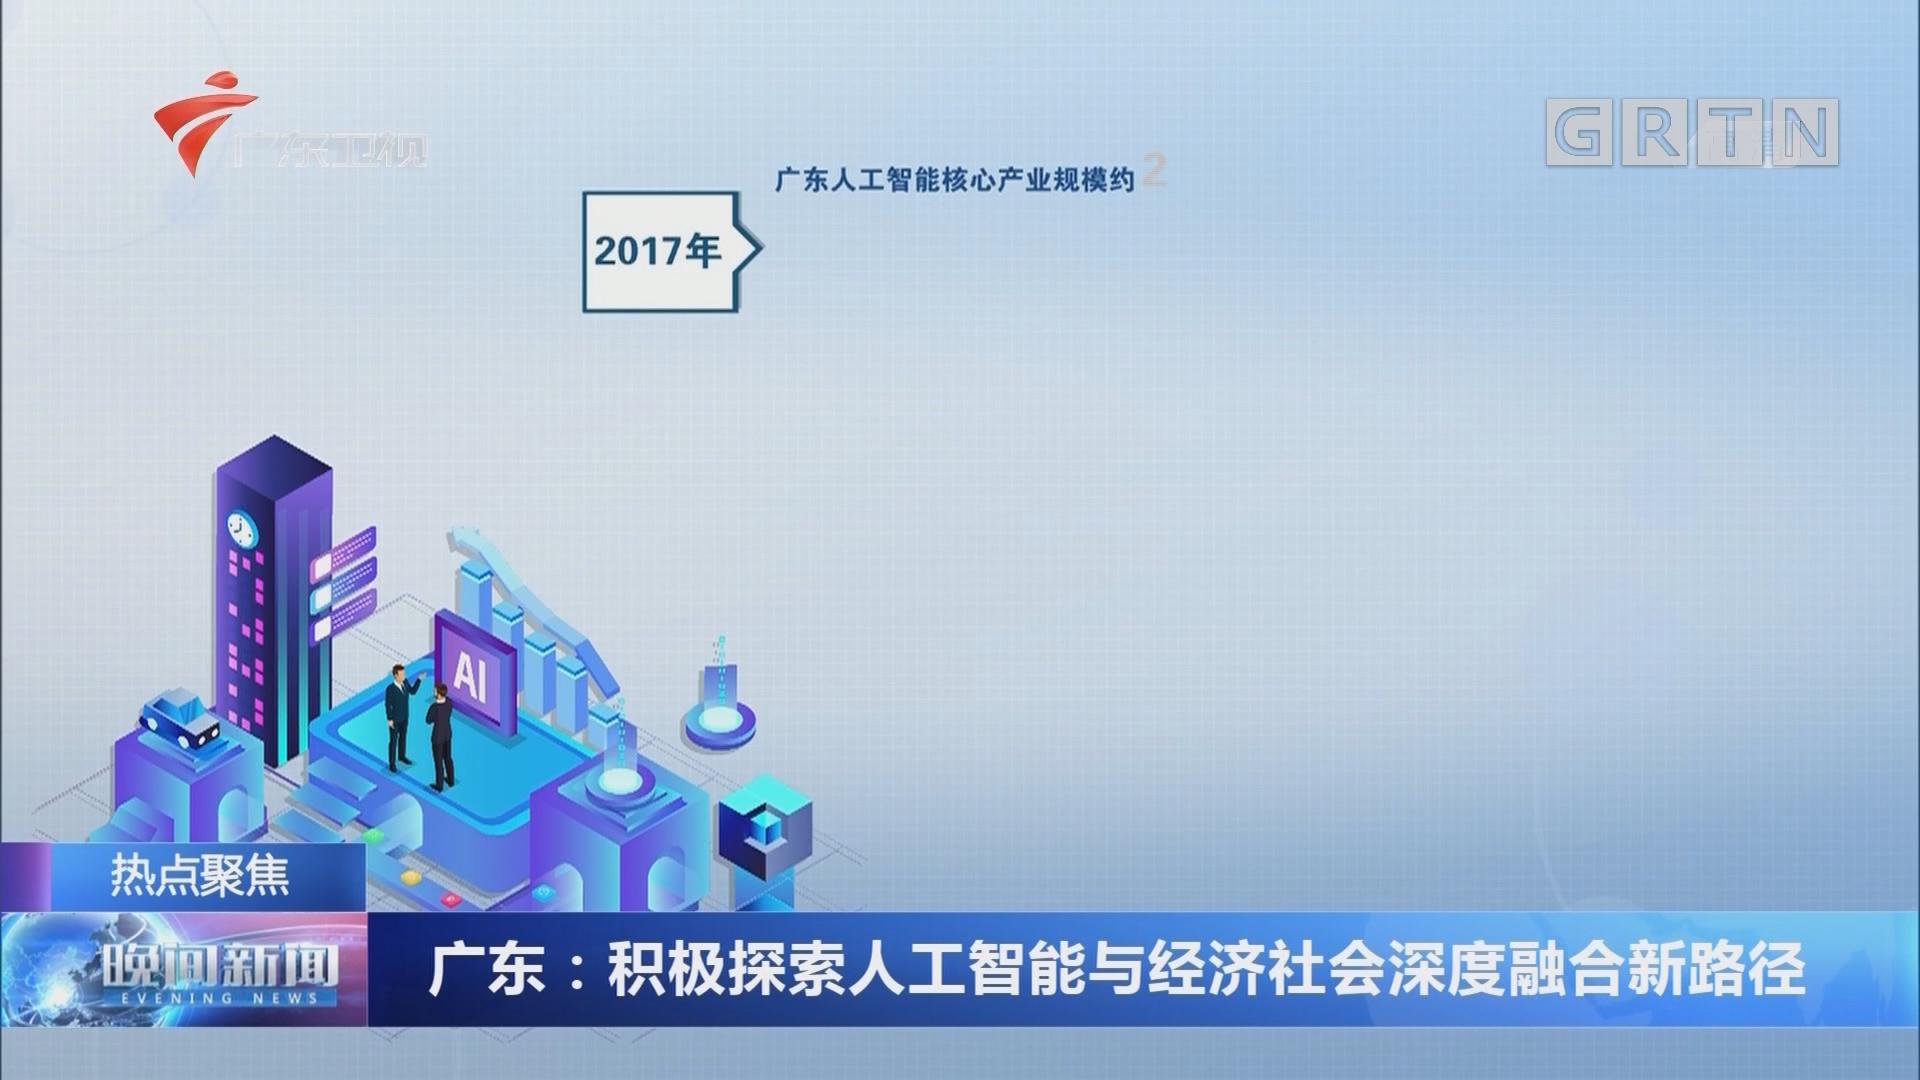 广东:积极探索人工智能与经济社会深度融合新路径